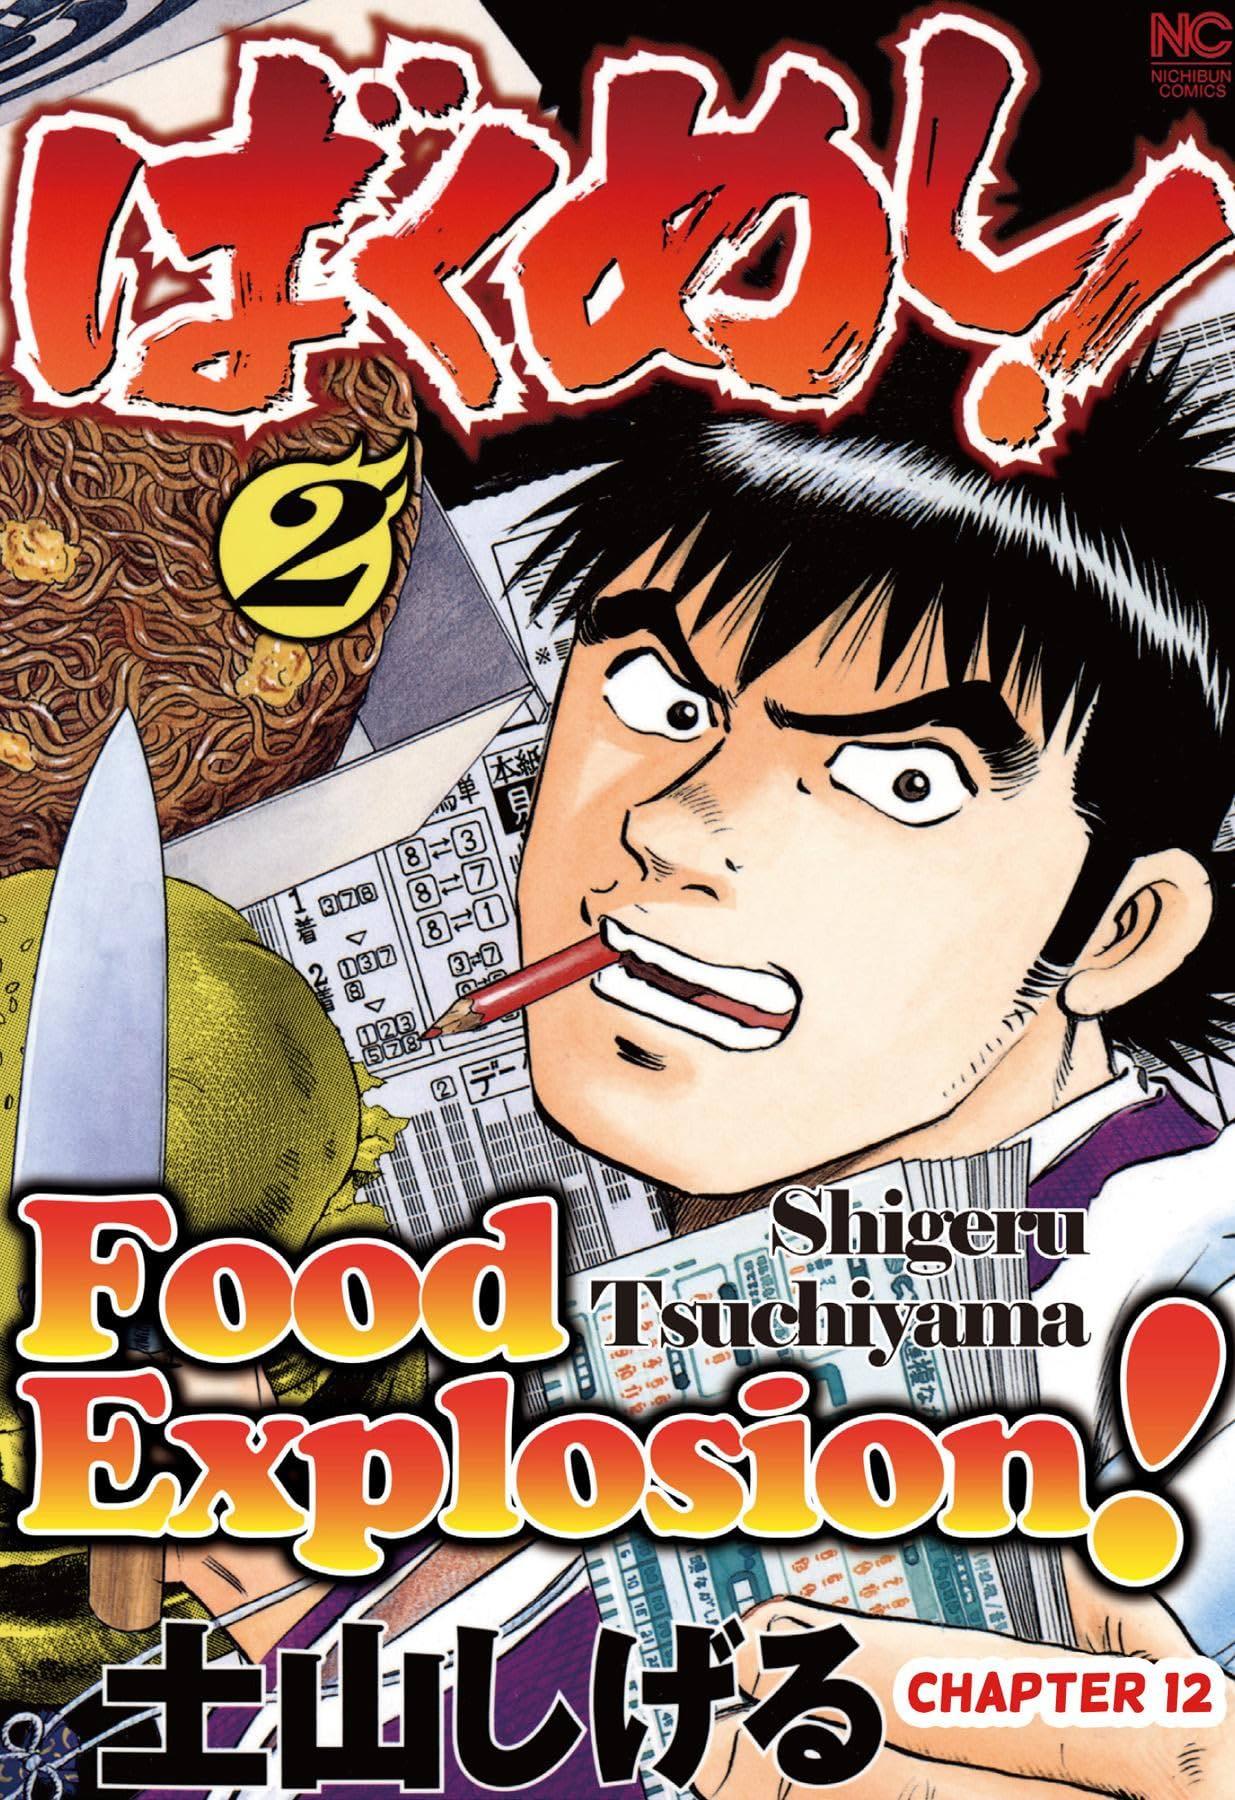 FOOD EXPLOSION #12